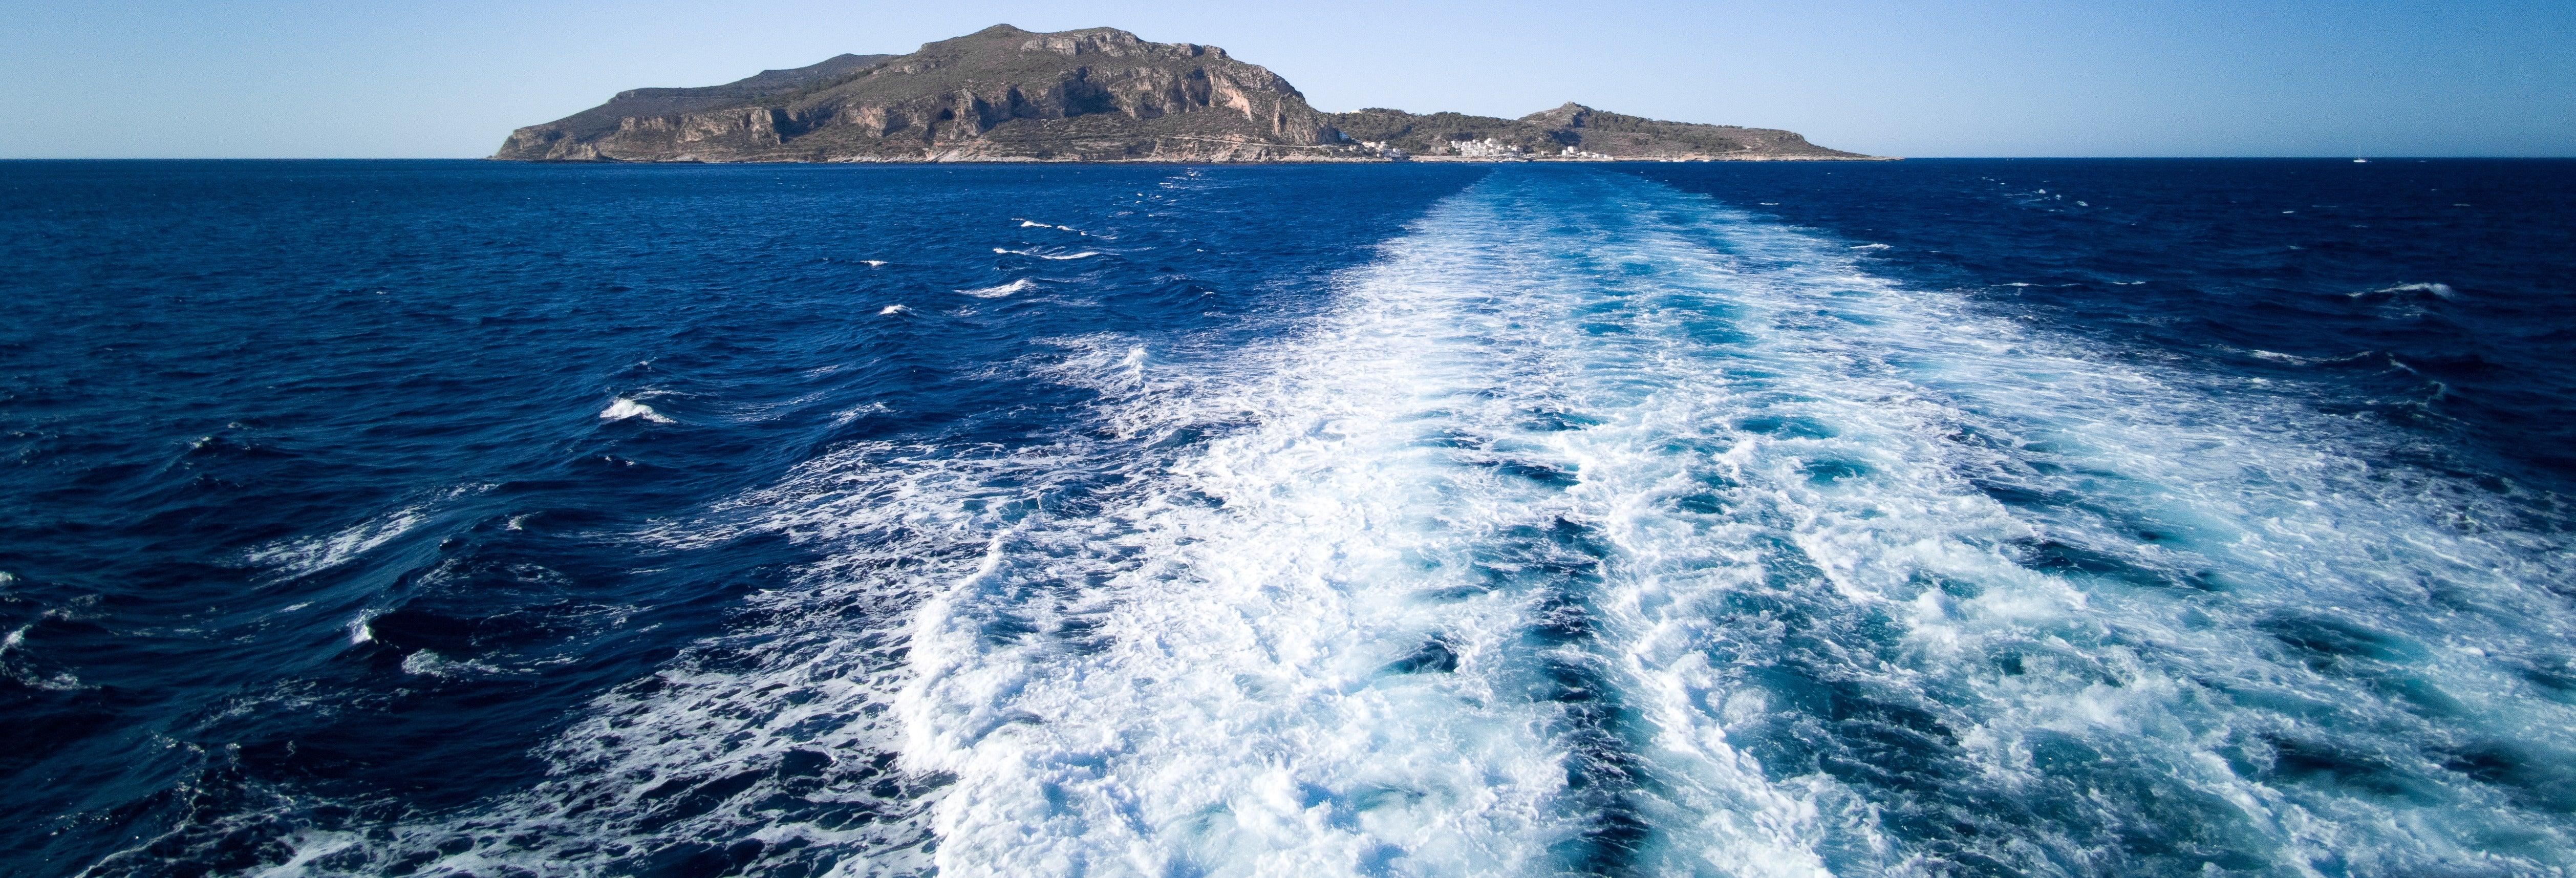 Excursion à Favignana et Levanzo en bateau